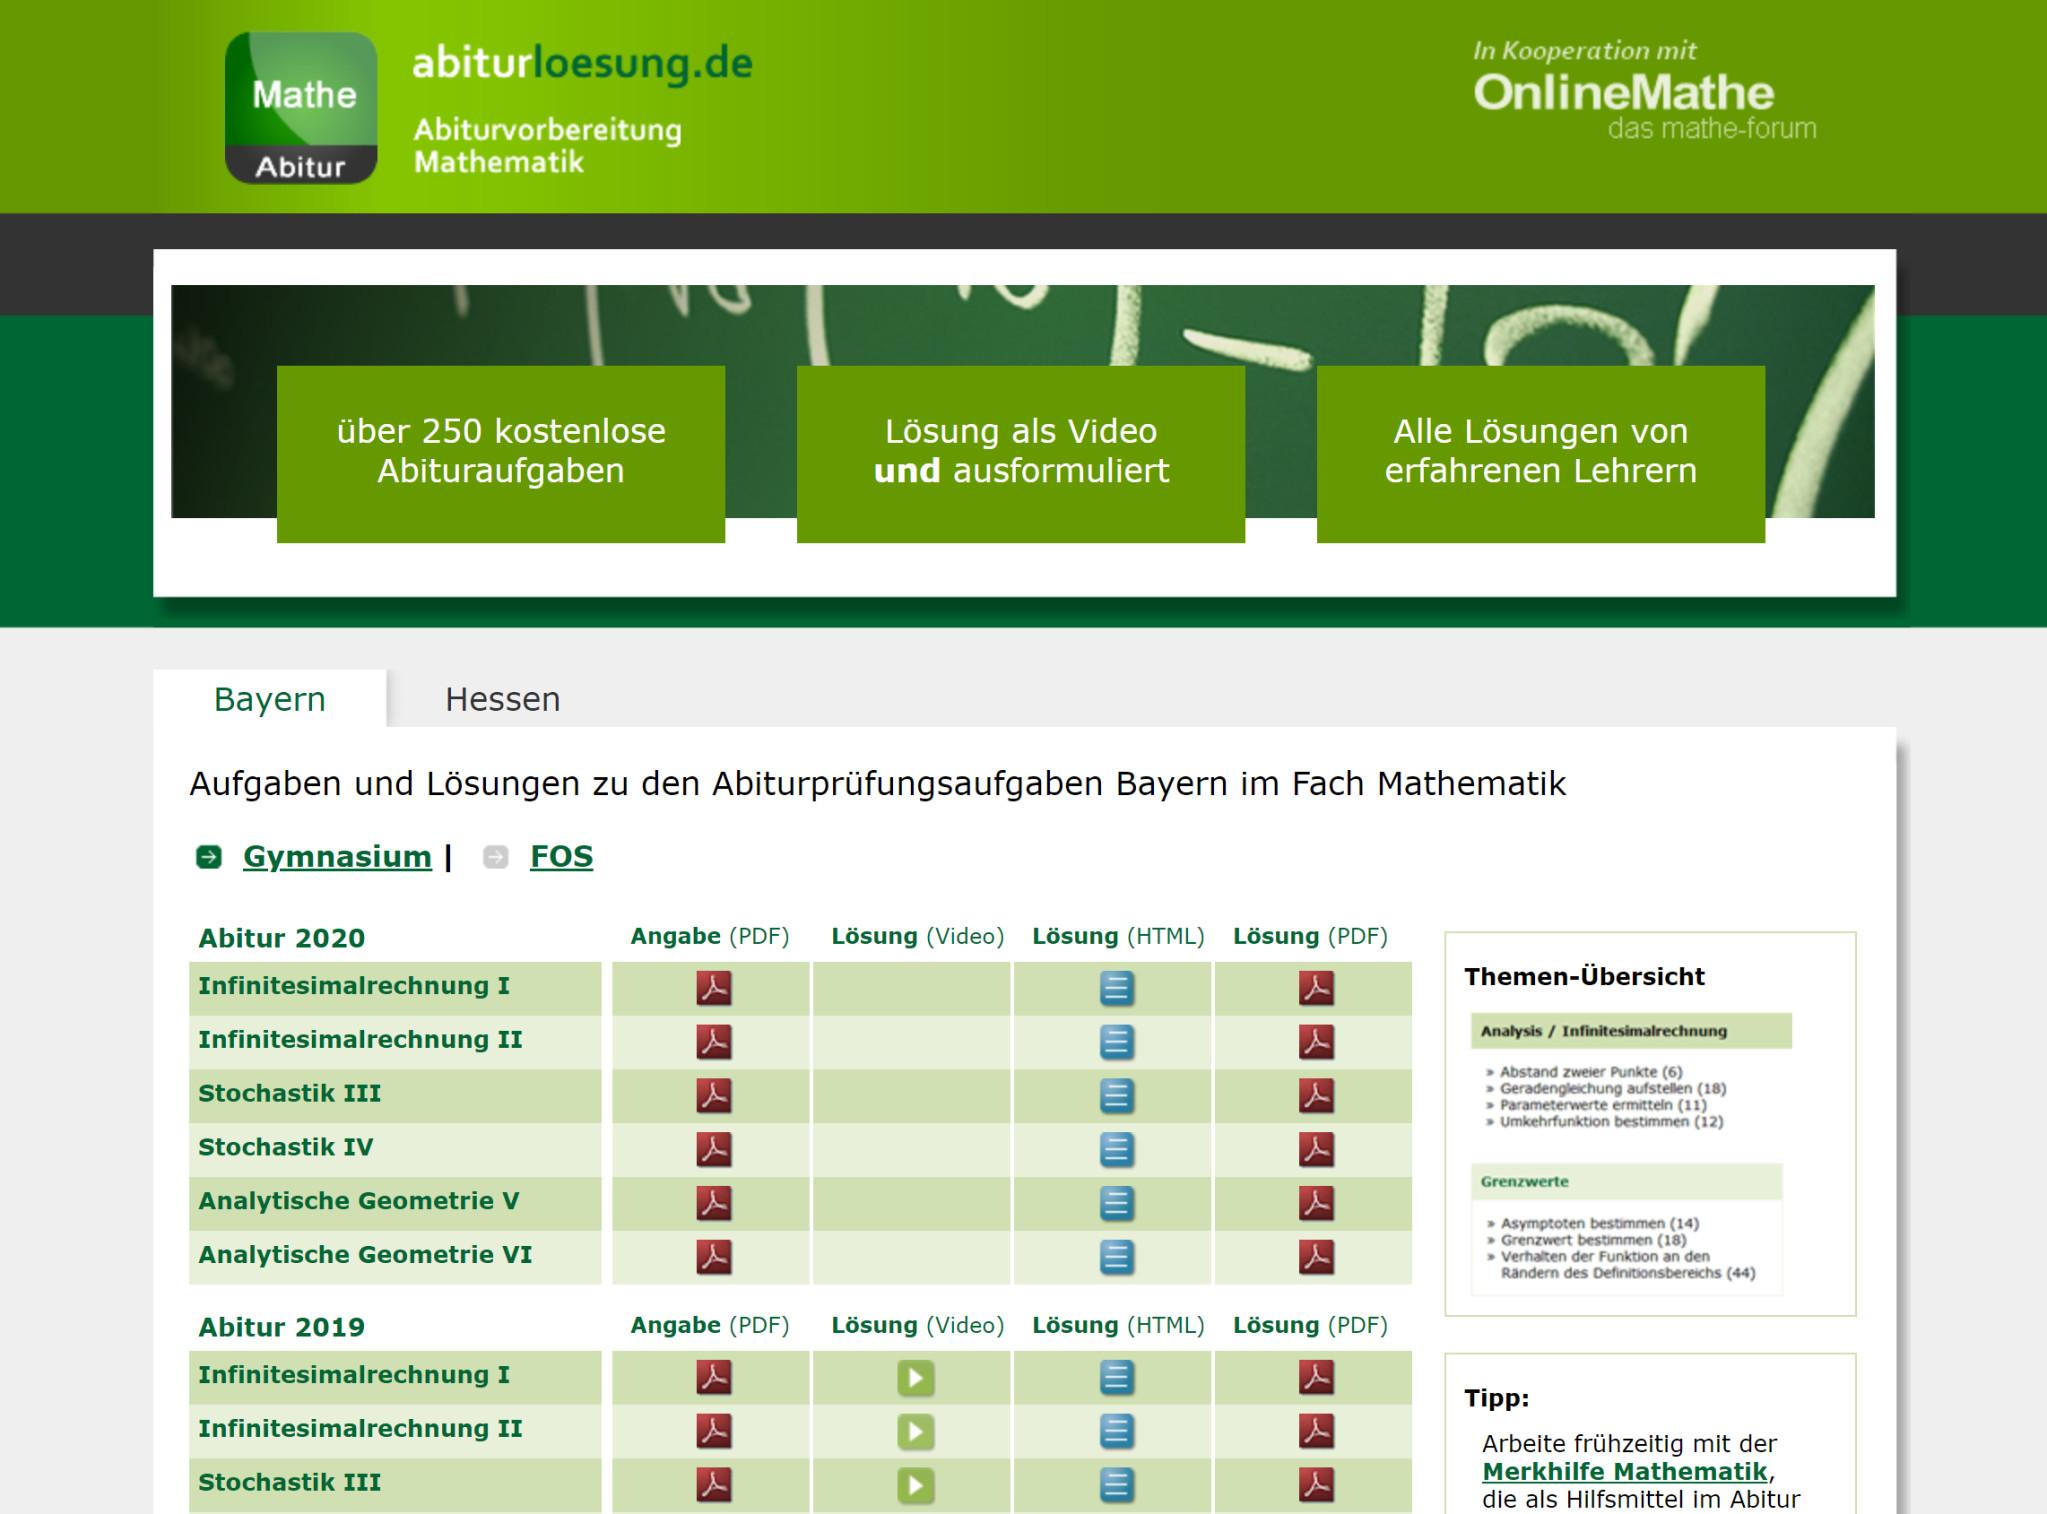 Screenshot 1 - Abiturlösung: Abivorbereitung Mathematik